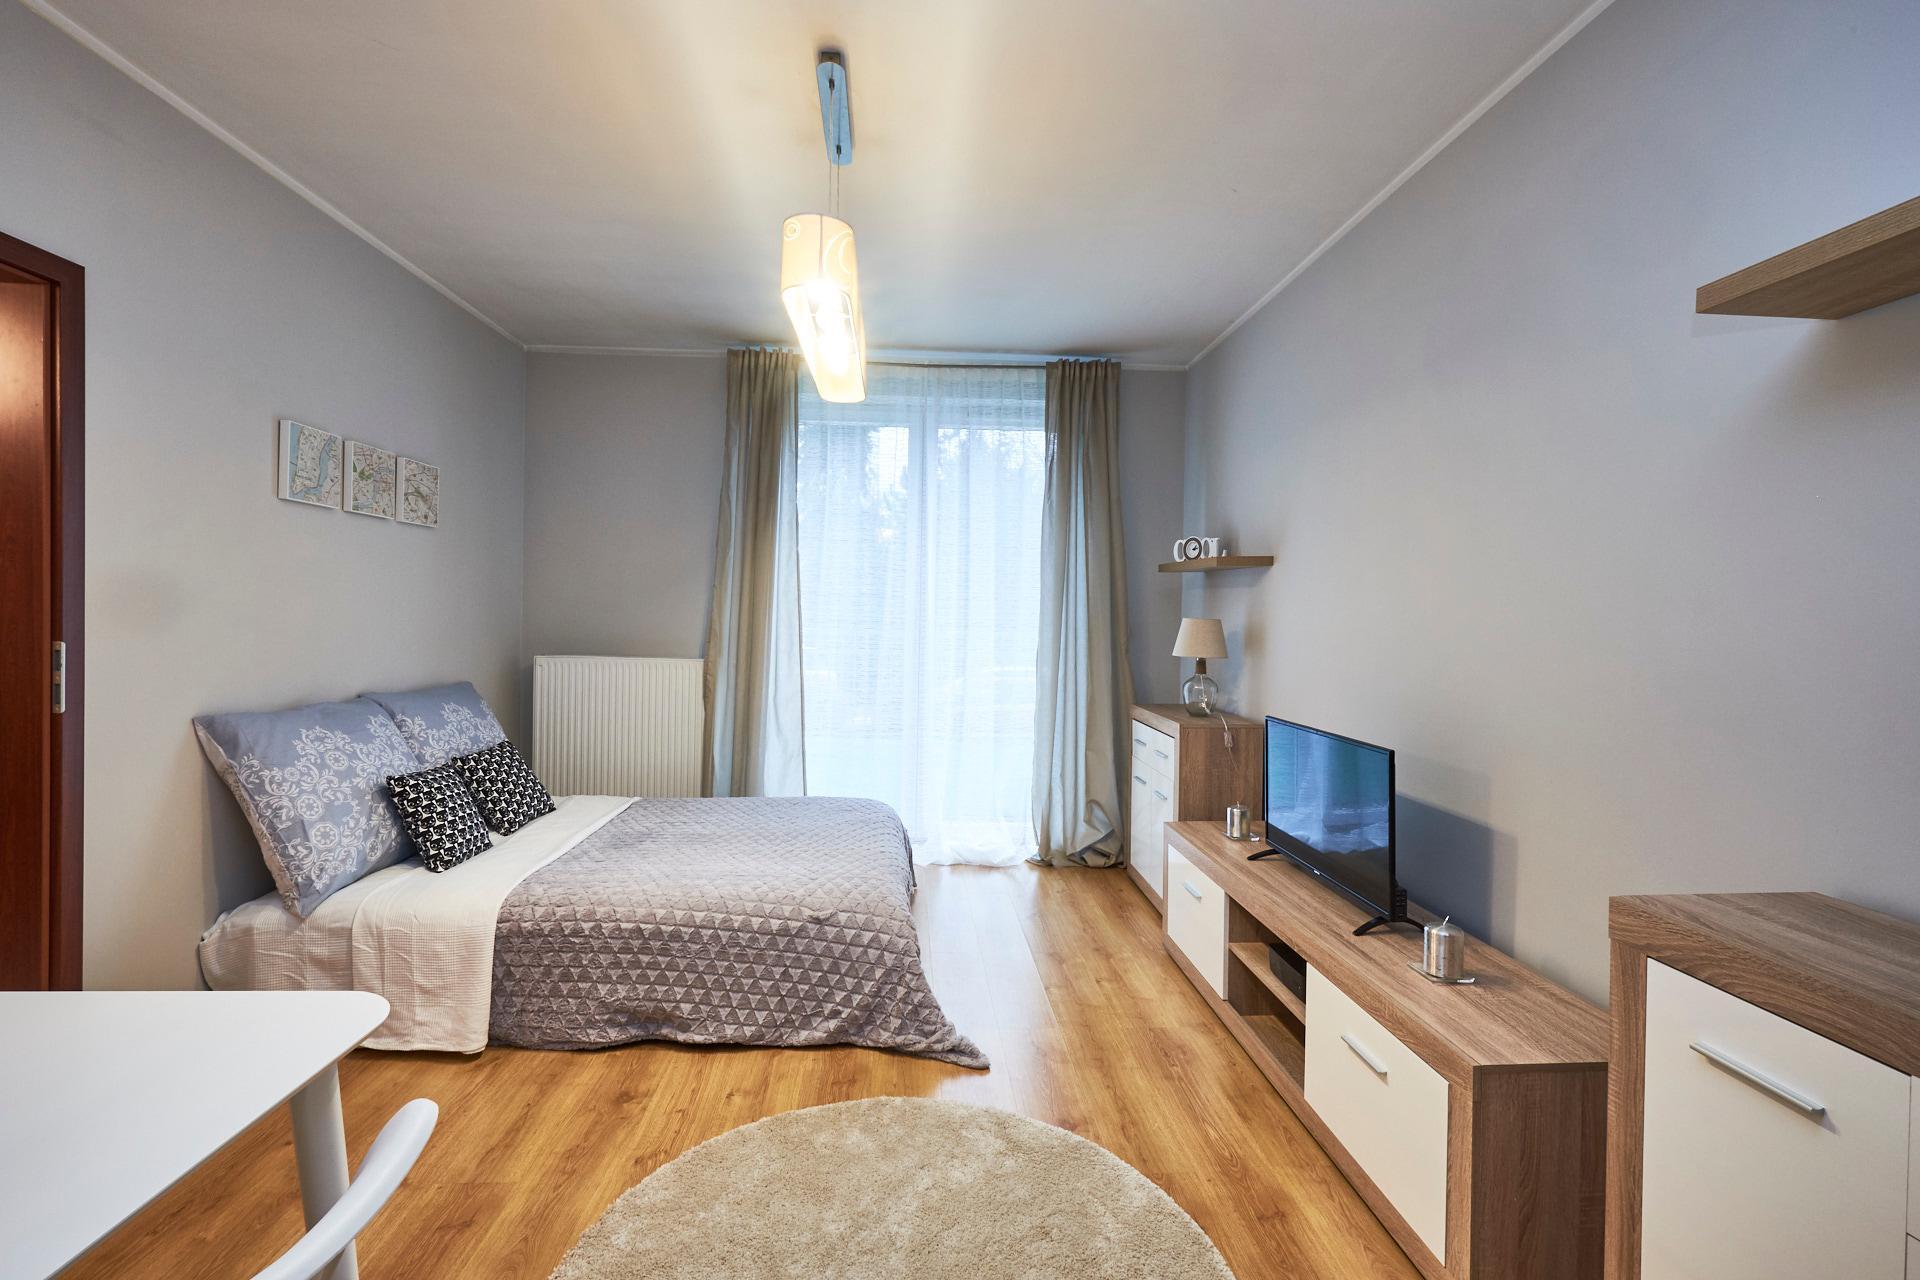 Apartament MandR Marina Mokotow Near Chopin Airport